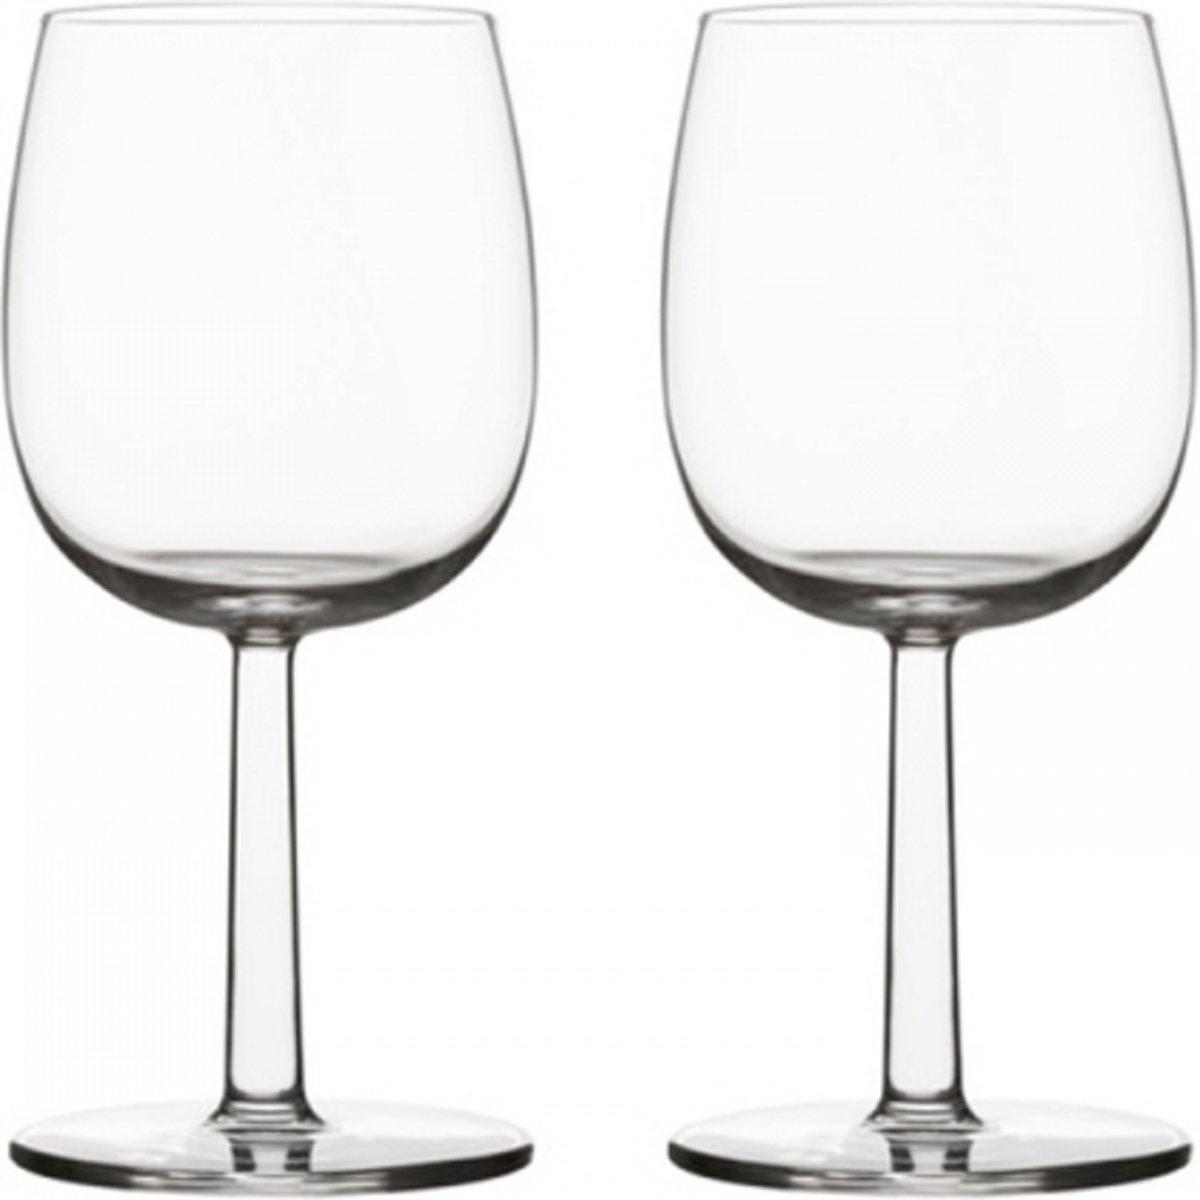 Iittala Raami Rood wijnglas 28cl 2stuks kopen